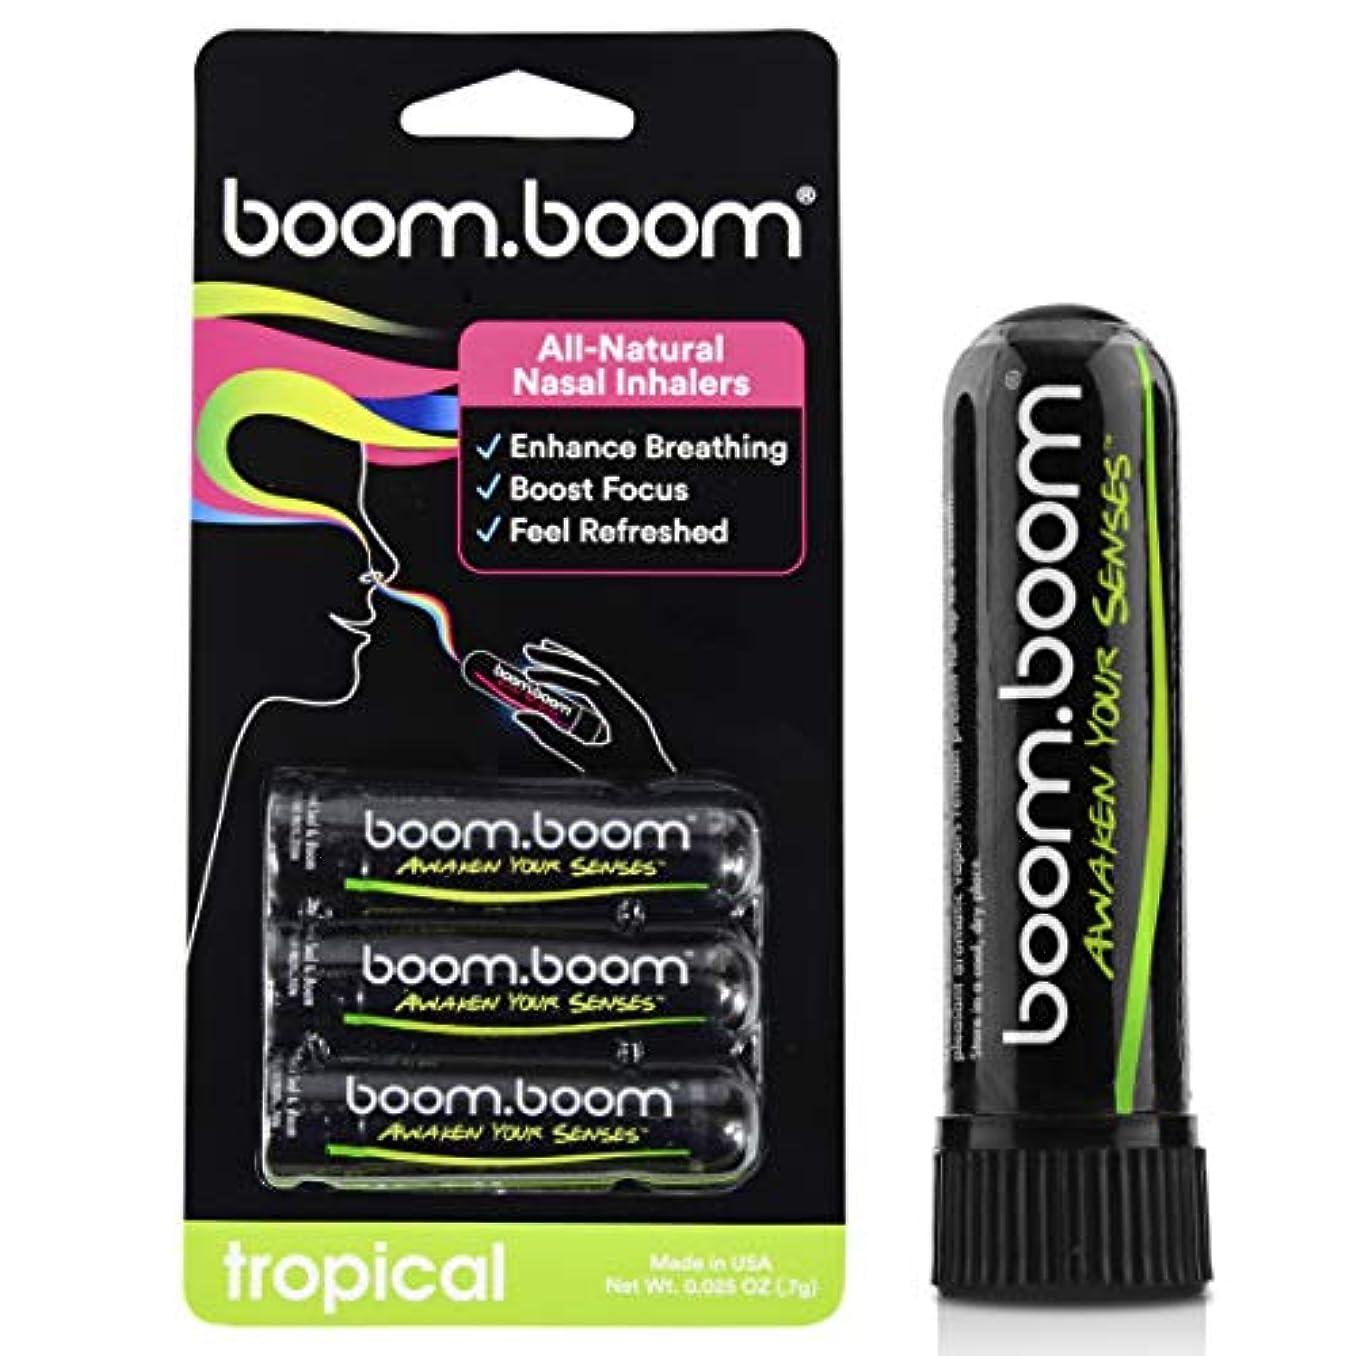 雄大な私たちのものパットアロマテラピー鼻吸入器(3パック)by BoomBoom | すべての自然植物療法エッセンシャルオイル気化器| Stuffy Noseからのインスタントリリーフ| 素晴らしいフレーバーメントール、ペパーミント、ユーカリ(...